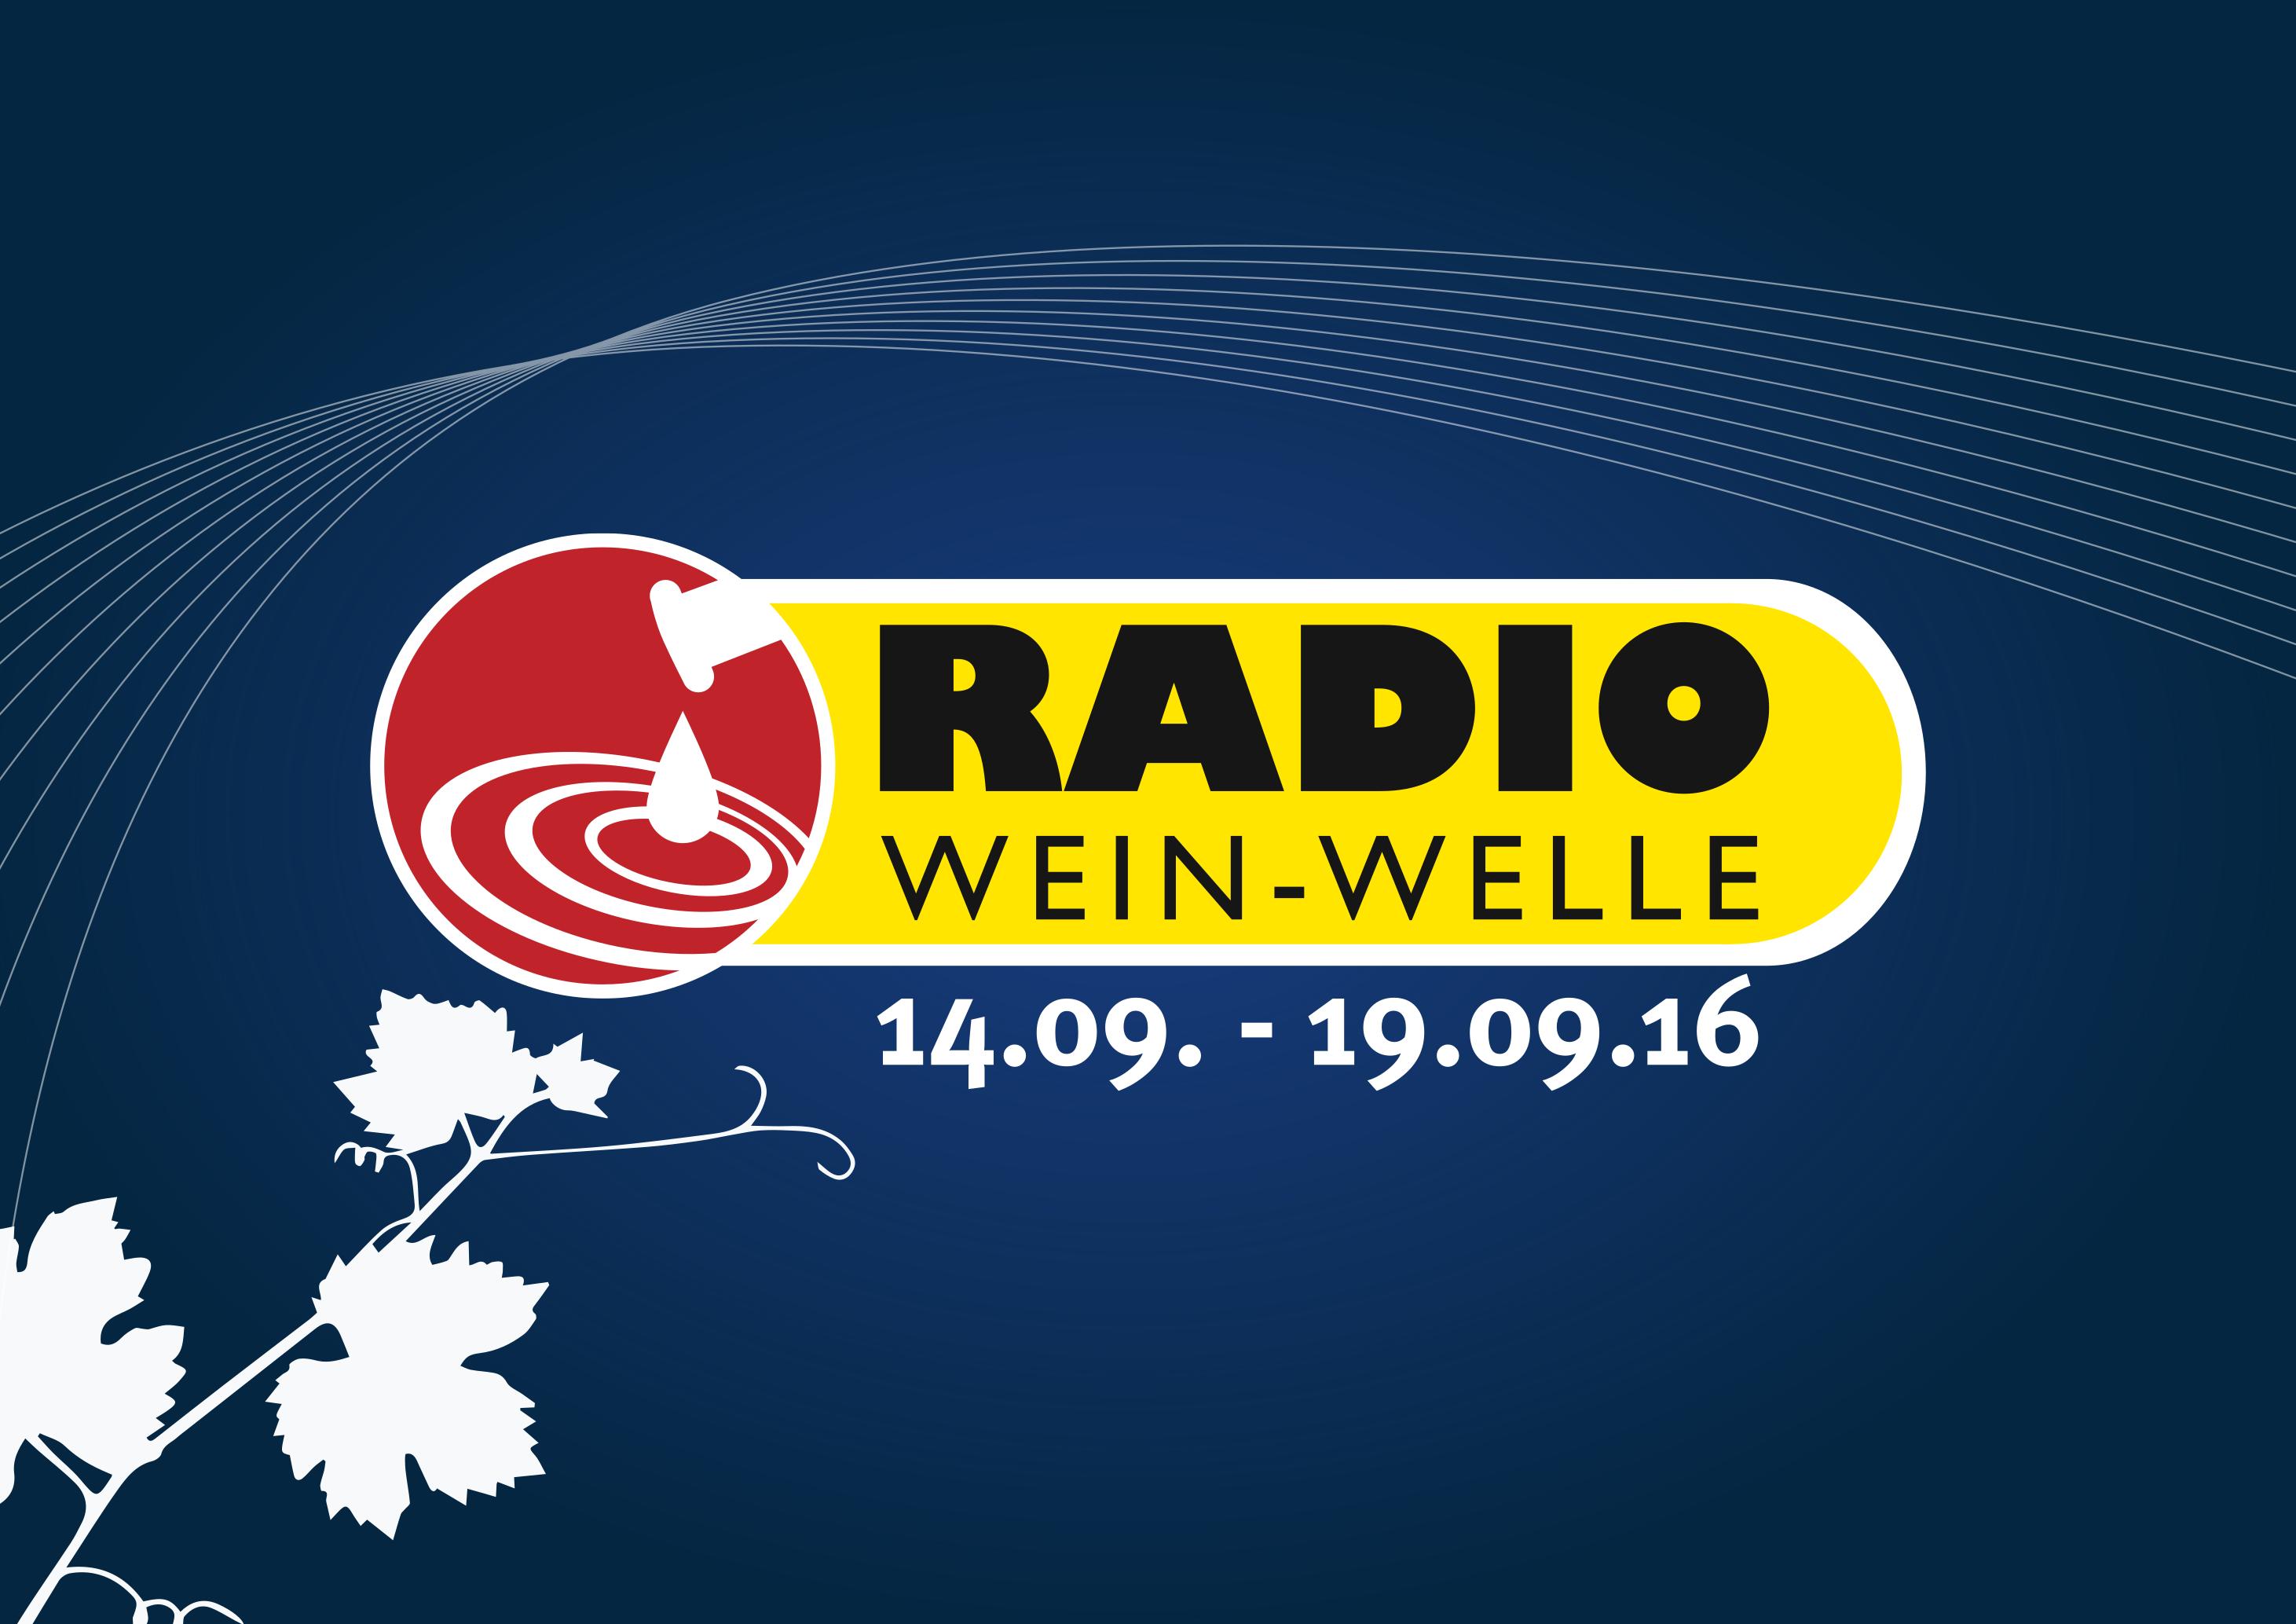 Das Winzerfestradio sendet auch 2016